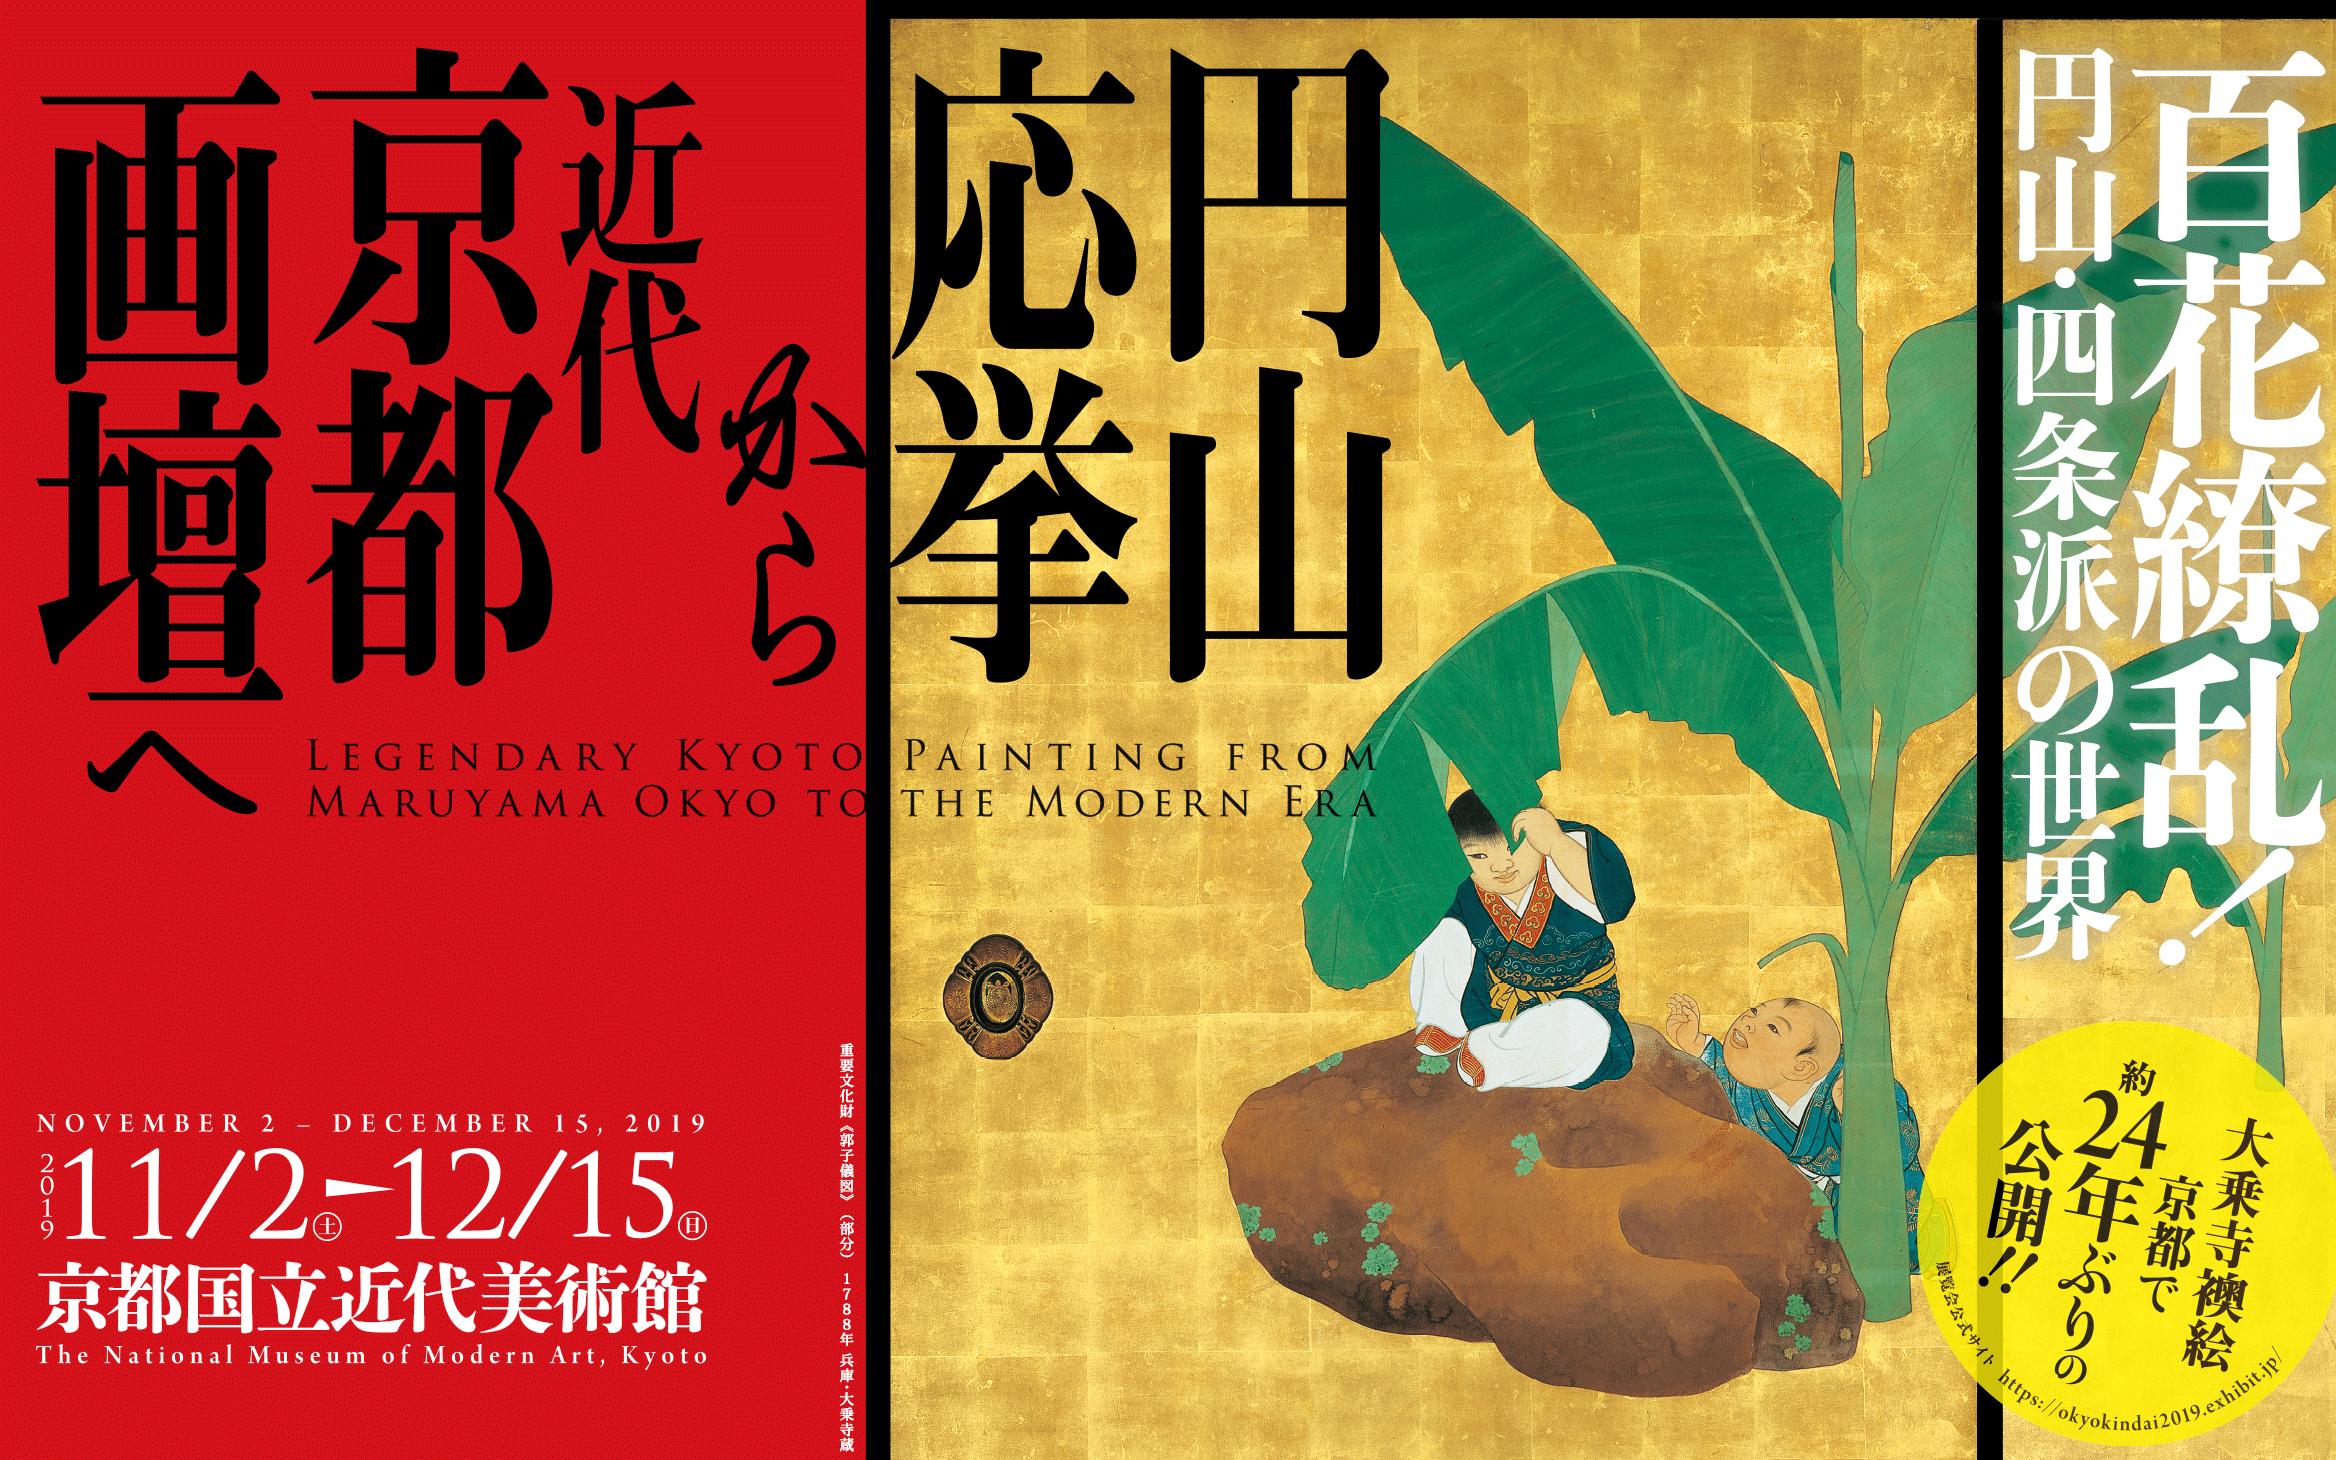 円山応挙から近代京都画壇へ